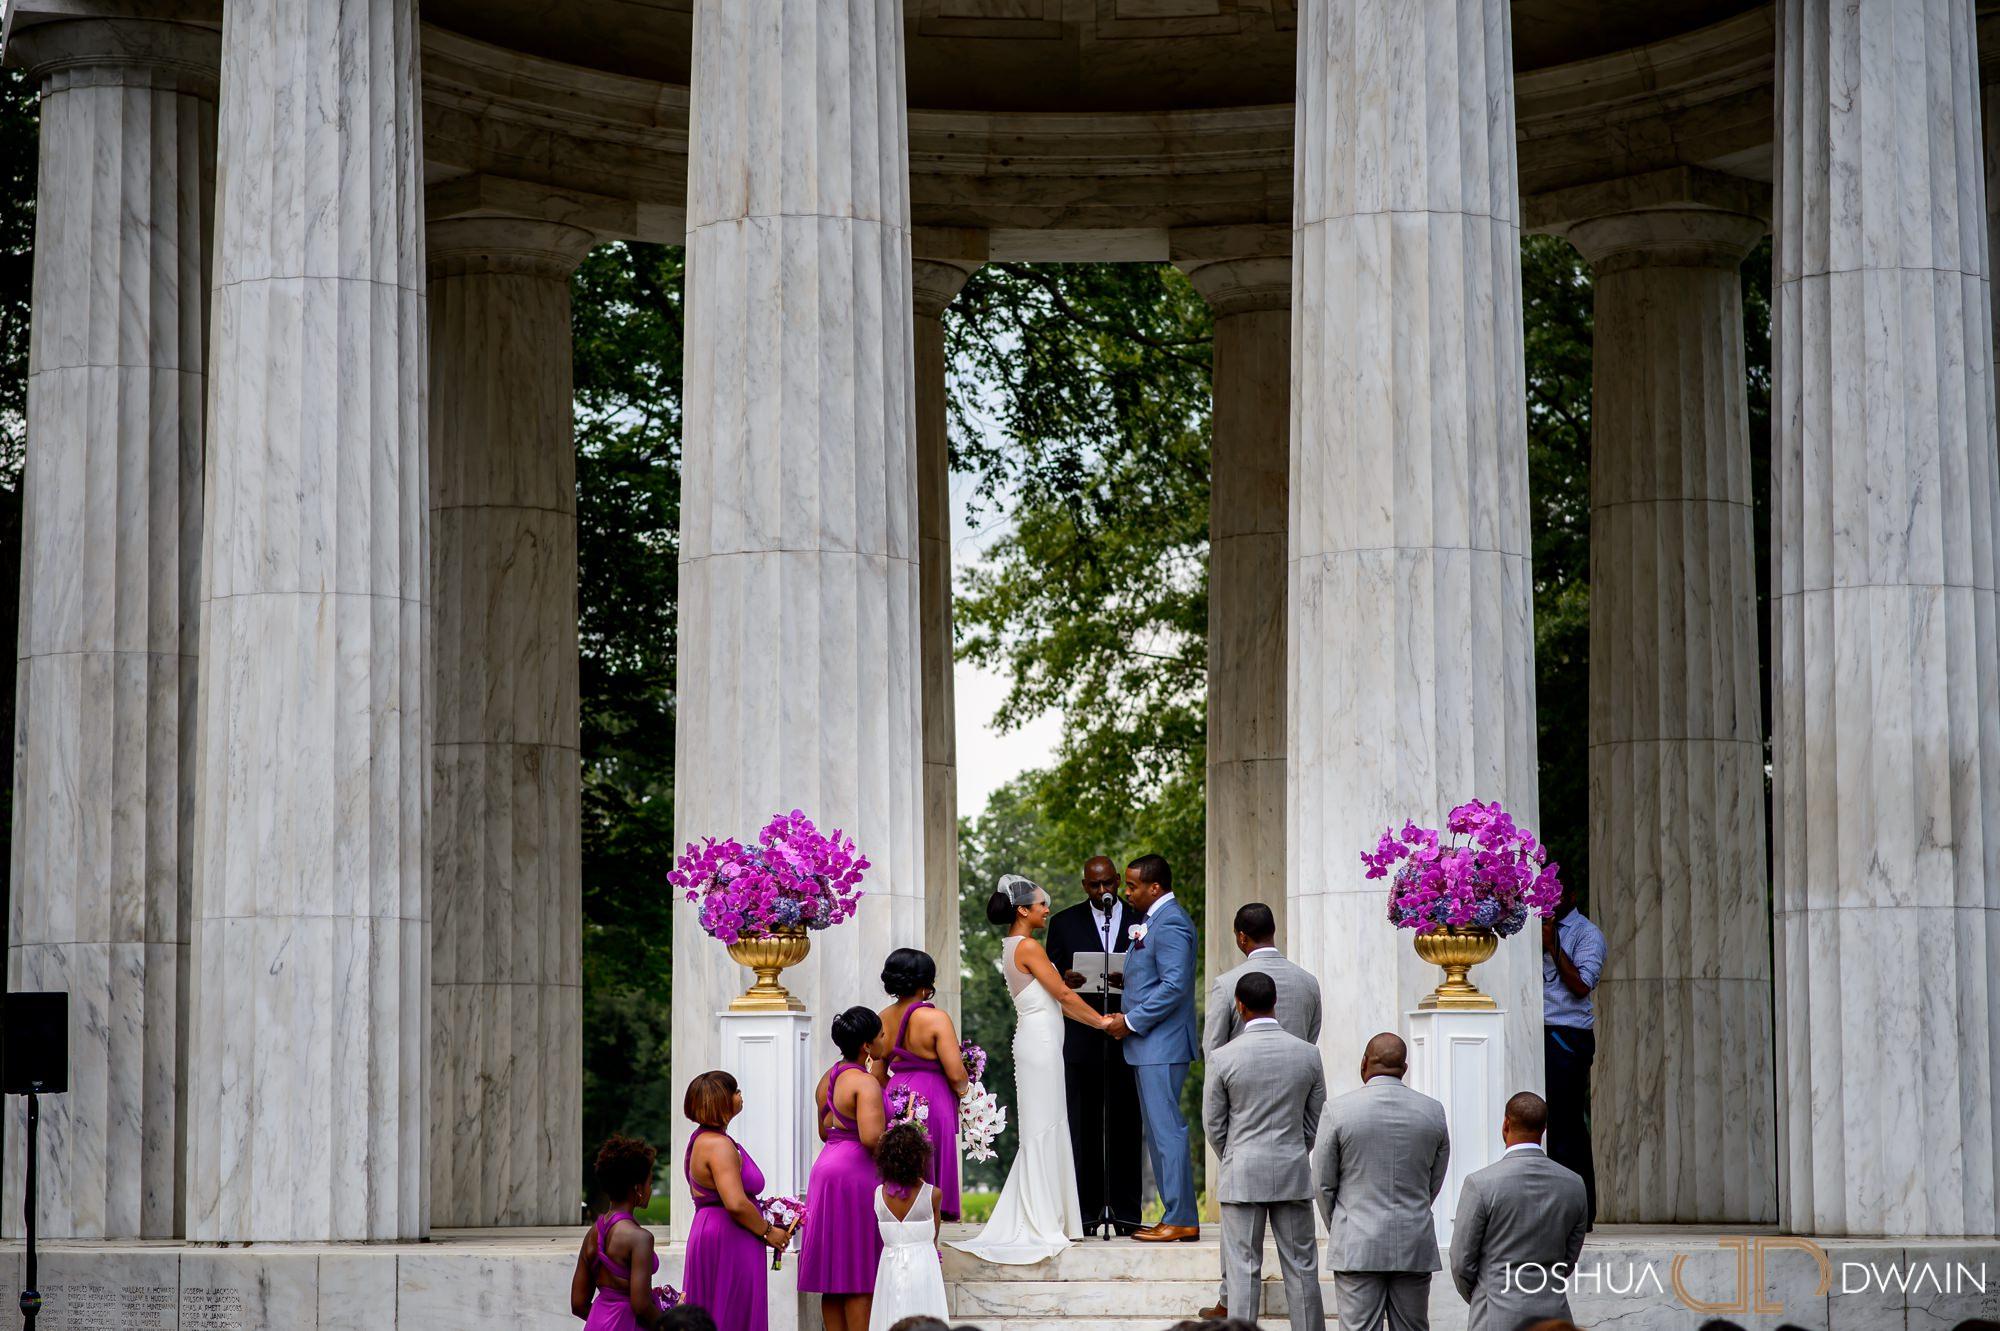 monique-lloyd-13-dc-war-memorial-washington-dc-wedding-joshua-dwain